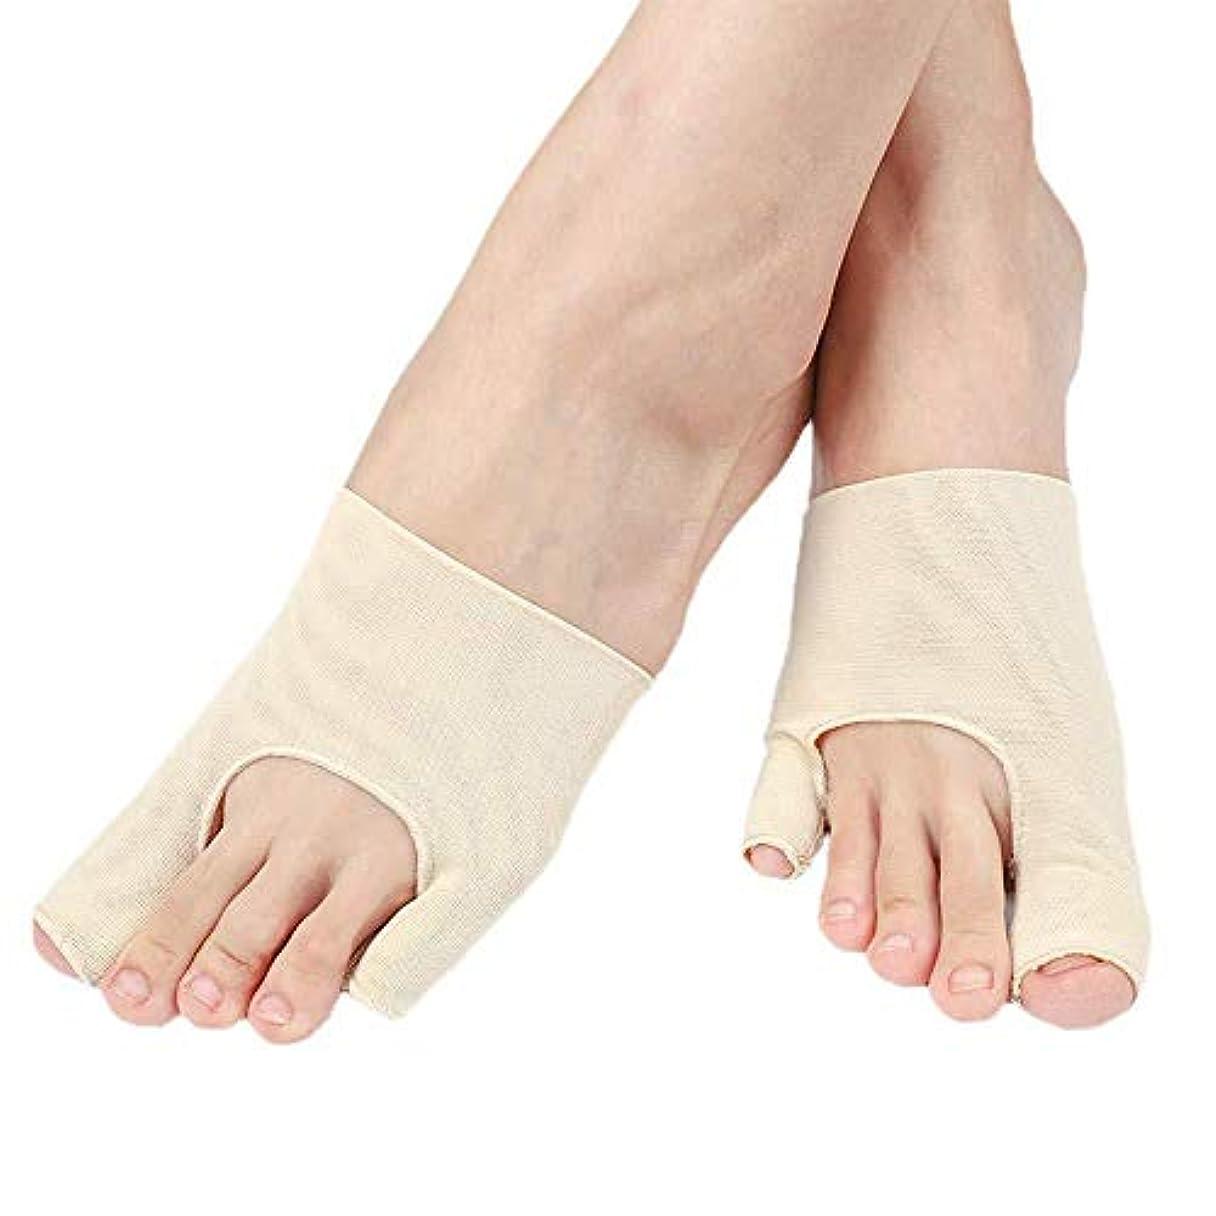 眩惑する把握本能つま先セパレーター、Orthoticsの足の親指の矯正、つま先の痛み緩和スリーブ、外反母painの痛みを緩和するための組み込みシリコンゲルパッド,L